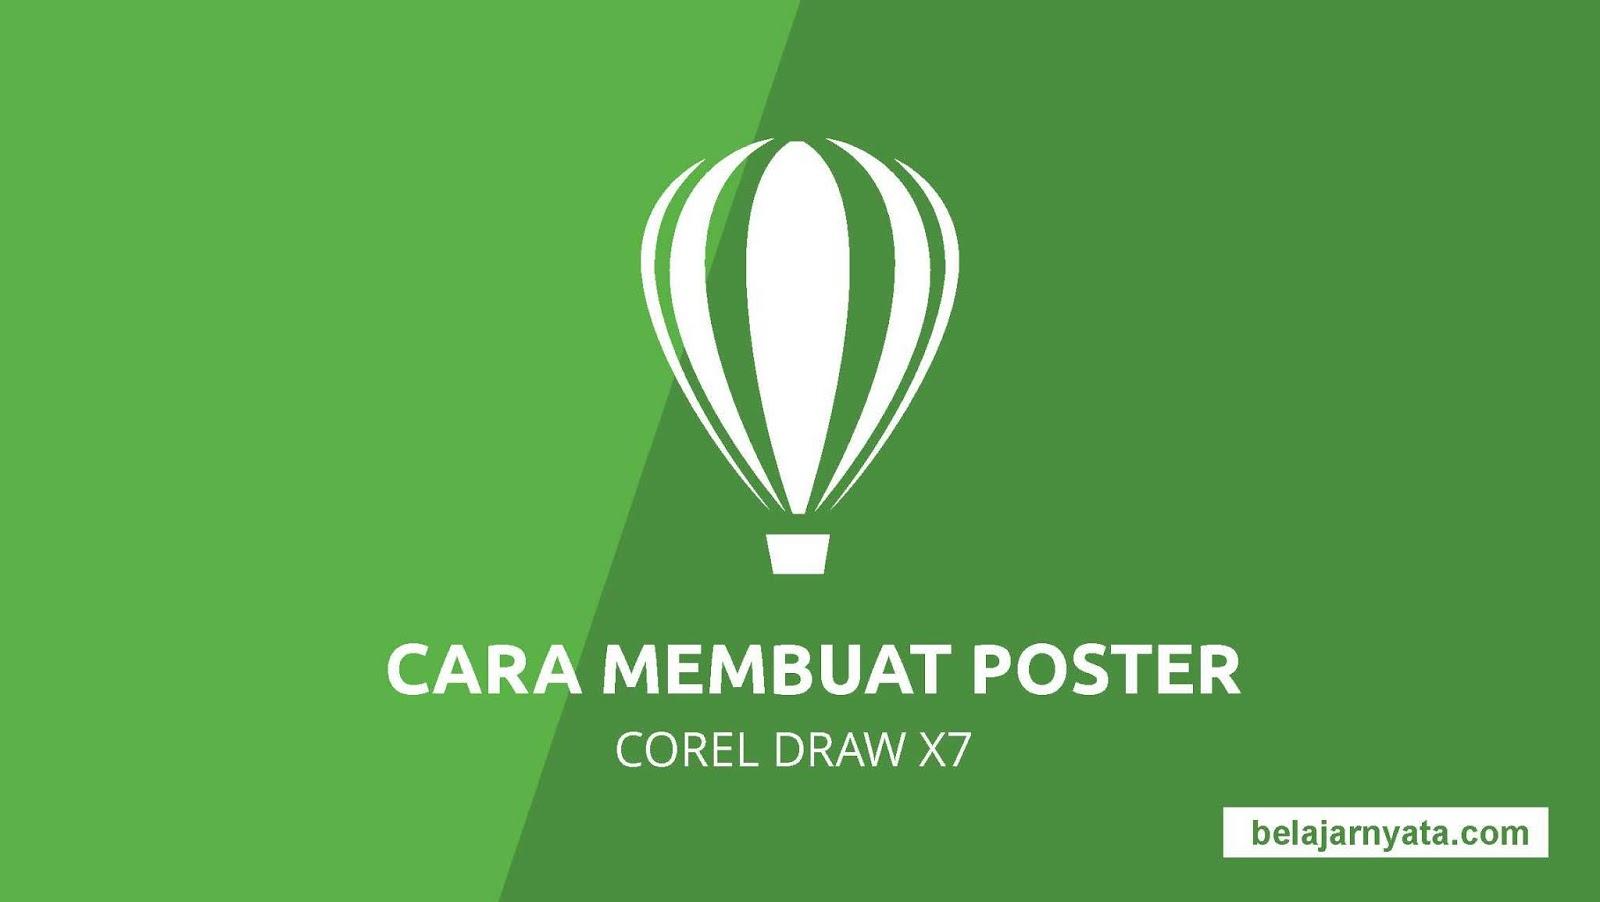 Cara Membuat Poster Menggunakan Coreldraw X7